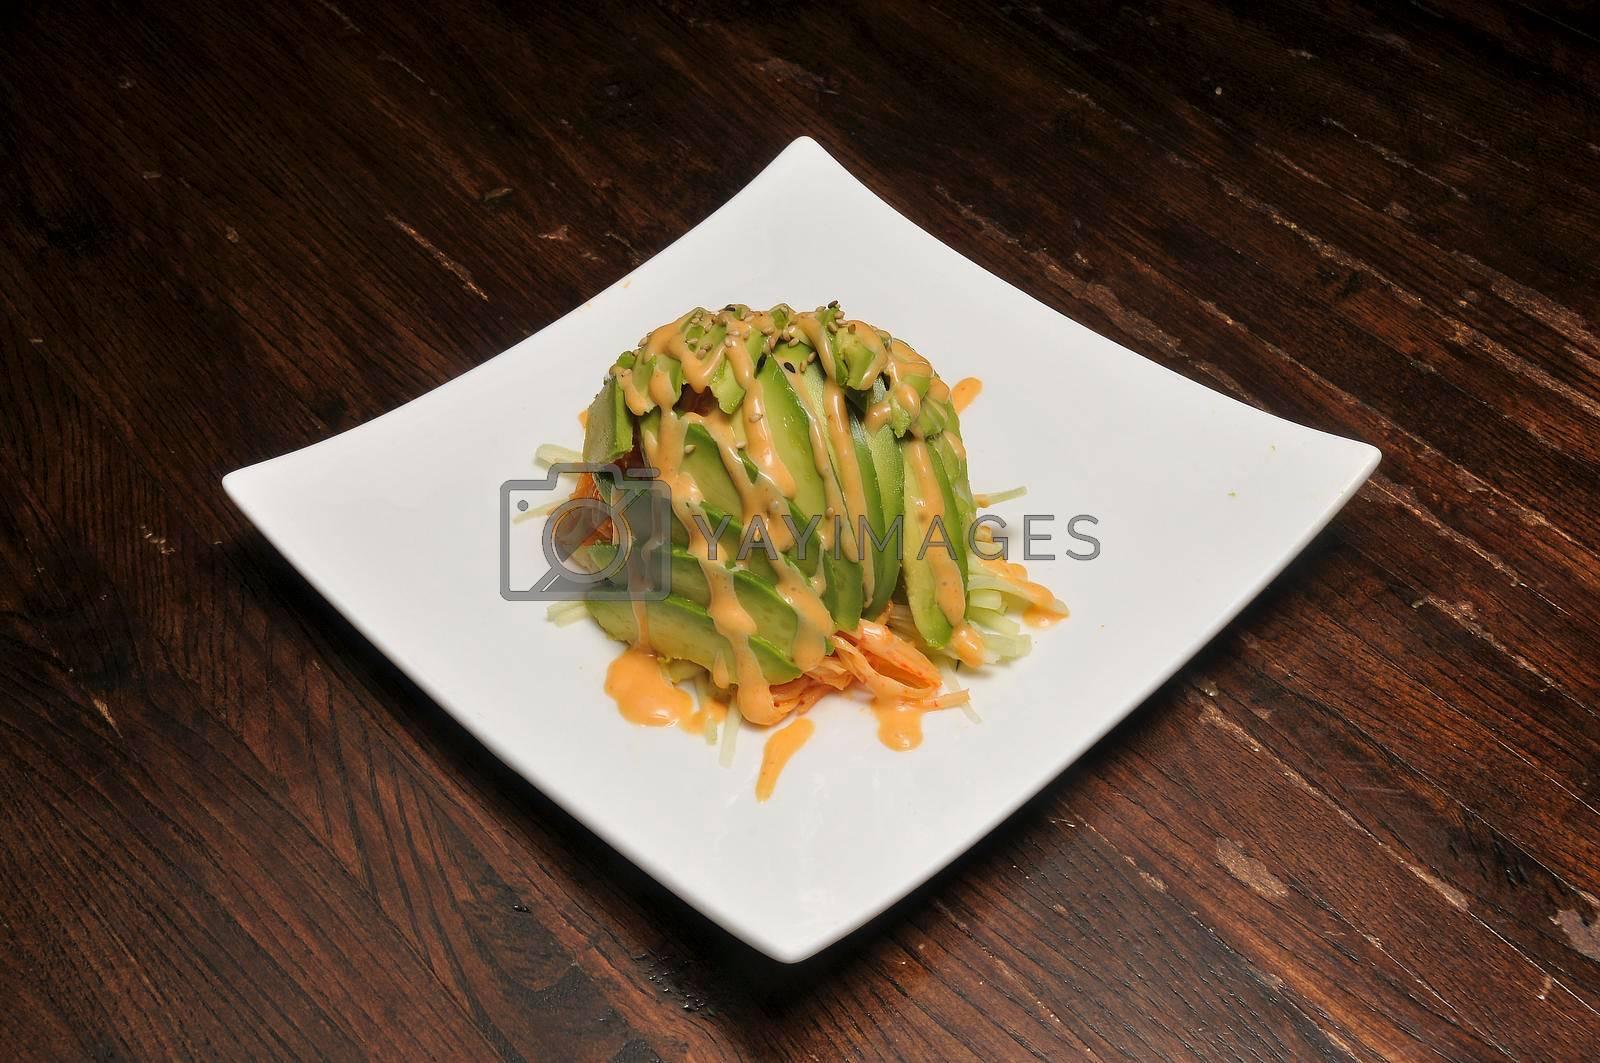 Delicious vegetarian dish known as avocado salad